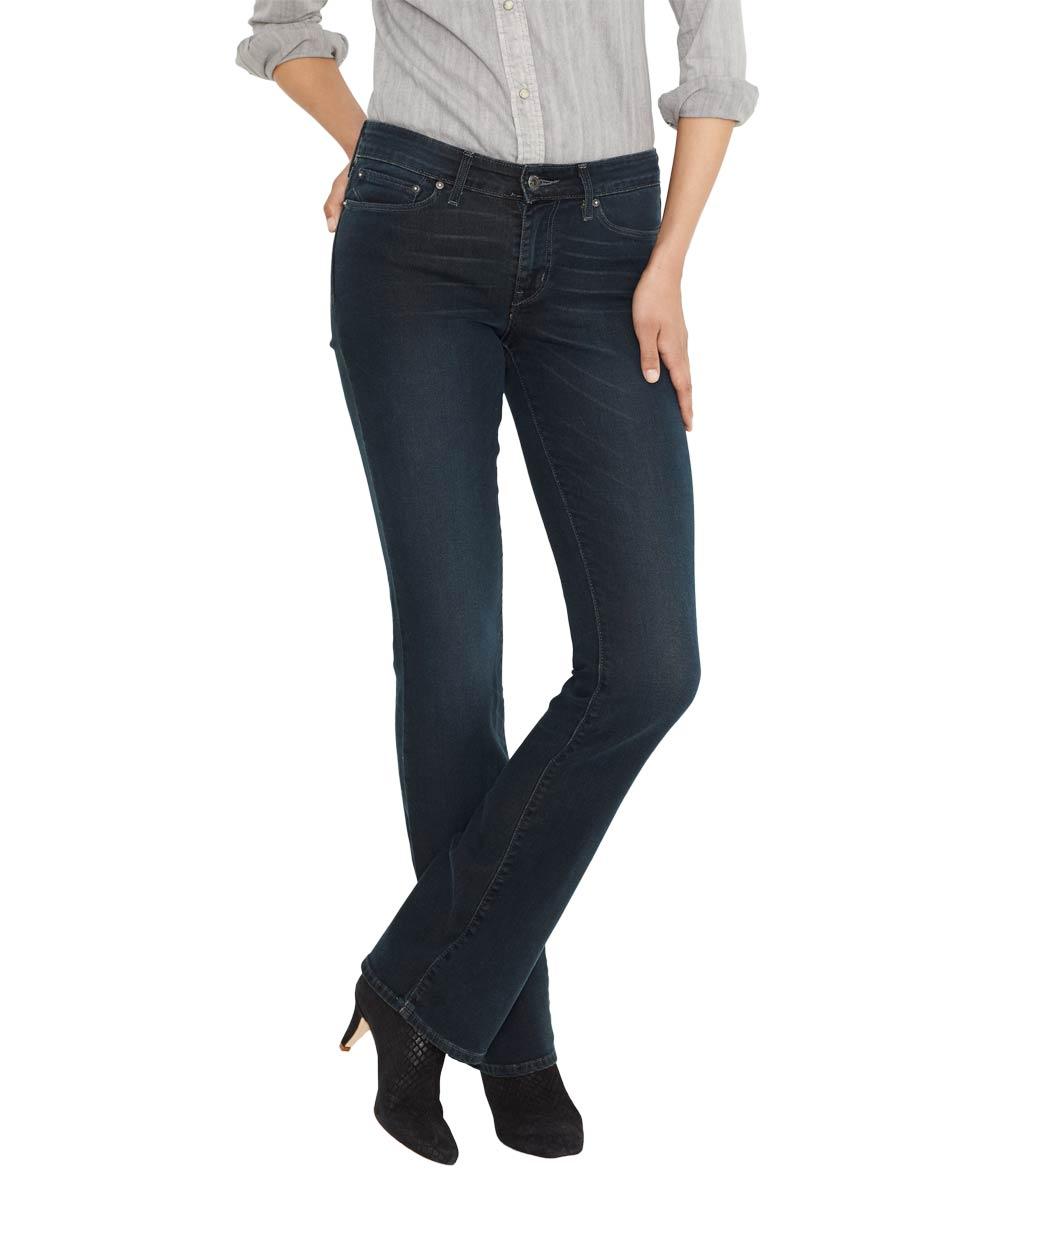 Levis Demi Curve - Bootcut Jeans - Burnt Wood